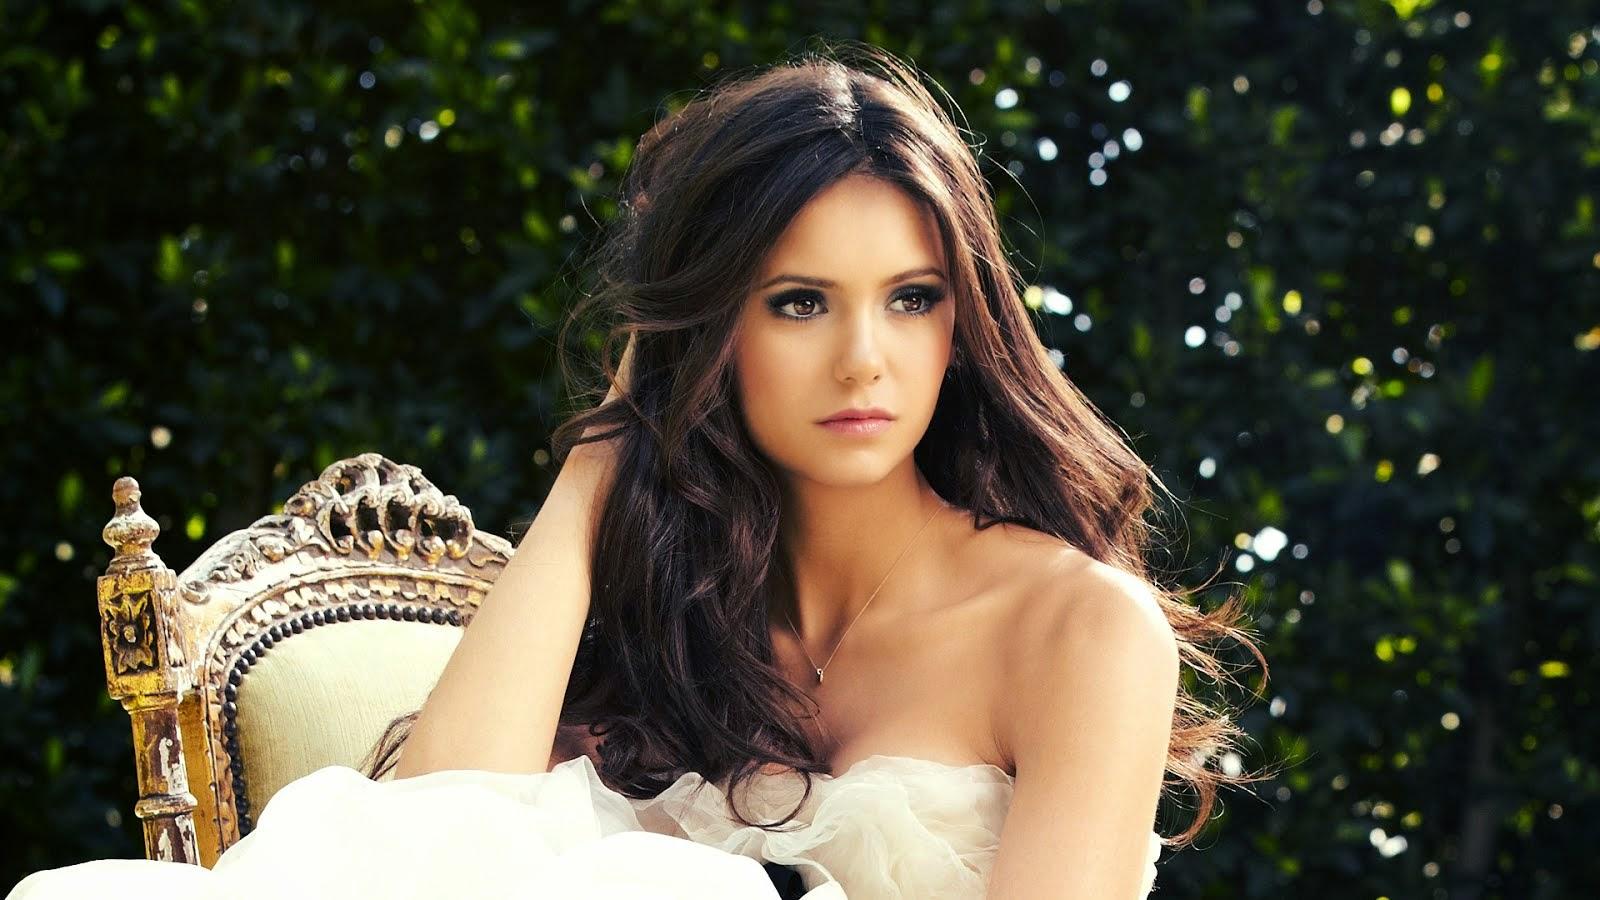 Kedvenc női szereplő/legszebb női színésznő a TVD-ben